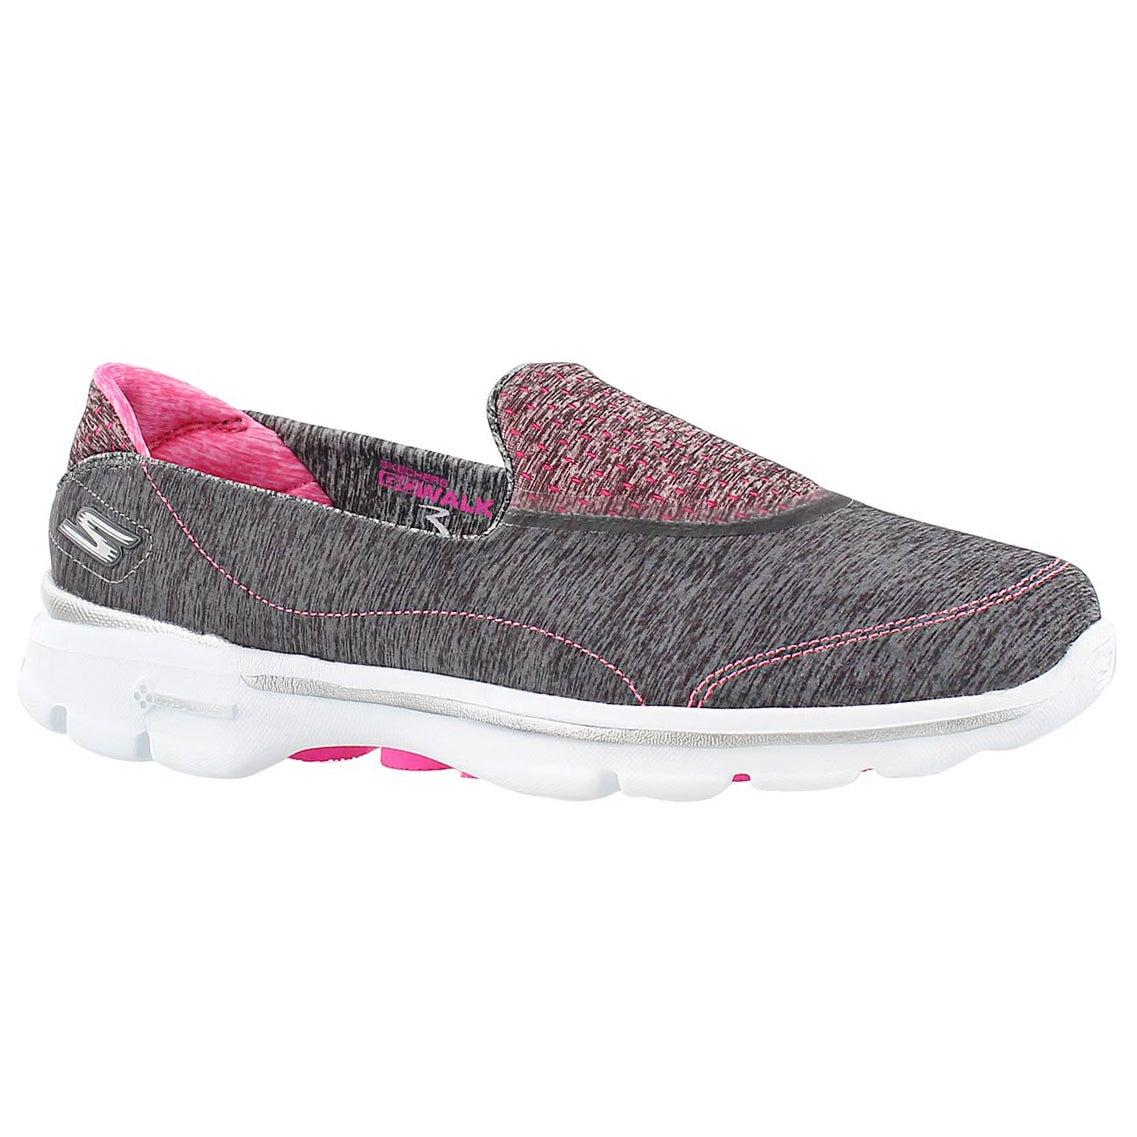 Lds GOwalk 3 Elevate gry slipon shoe